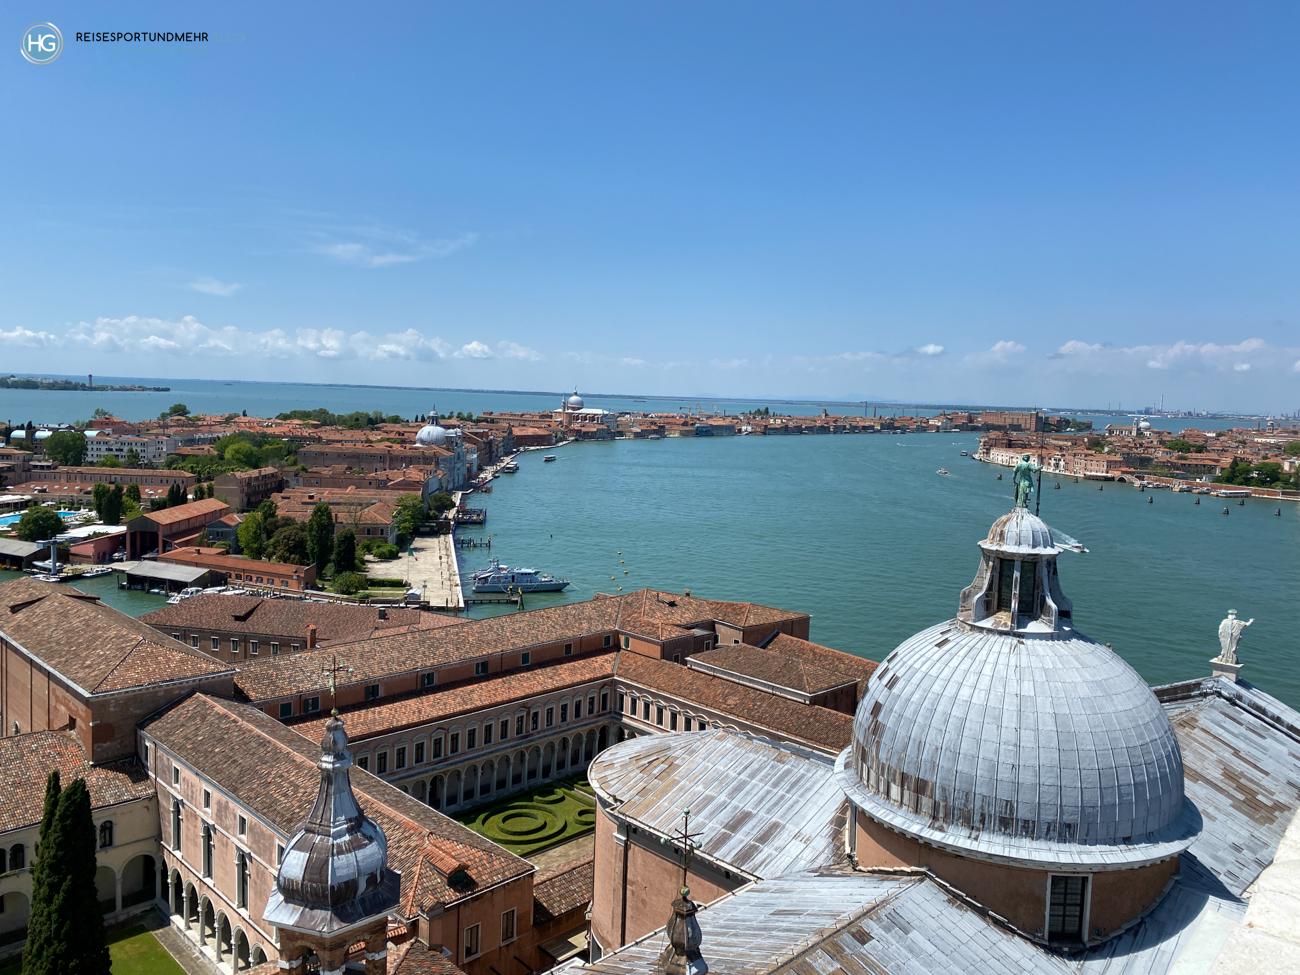 Venedig Pfingsten 2021 - wunderbare Aussicht vom Glockenturm San Giorgio Richtung Giudecca (Foto: Hanns Gröner)